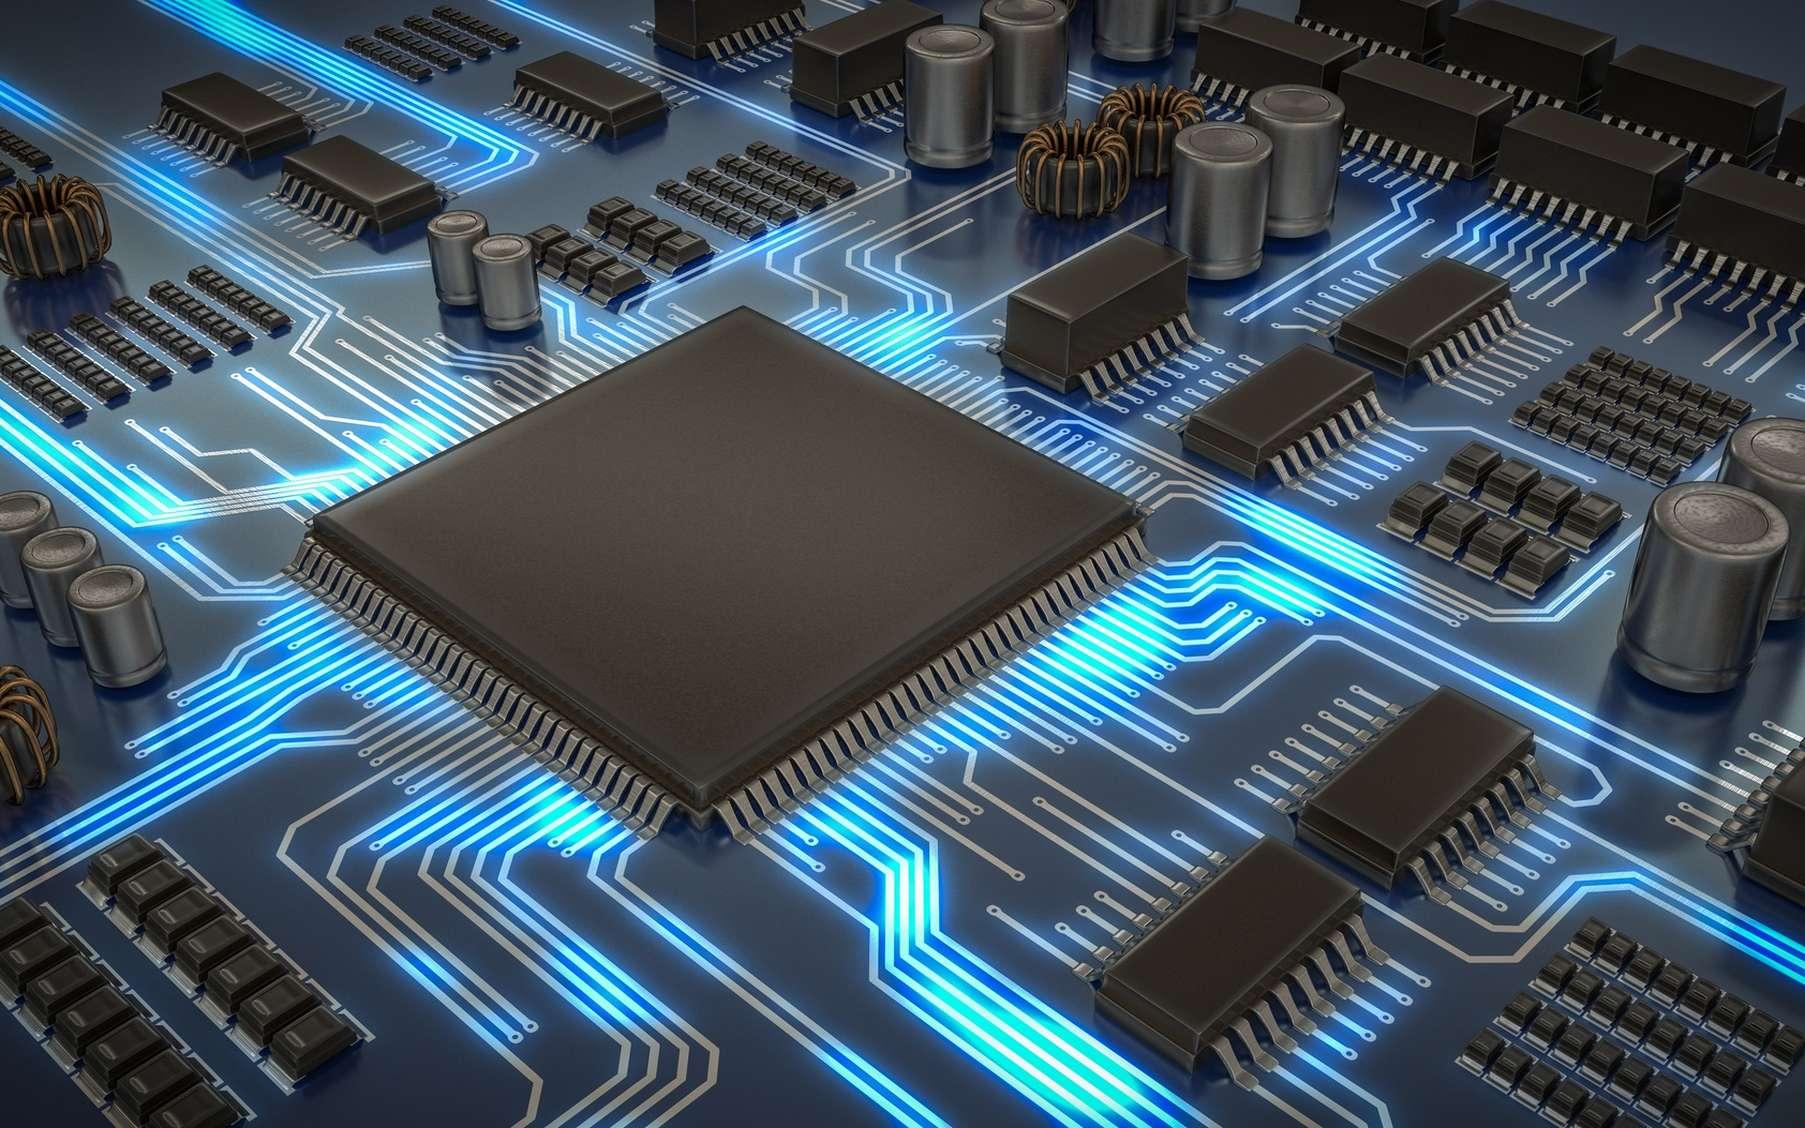 Le processeur est au cœur de l'unité centrale, il en est le centre nerveux. C'est lui qui anime votre ordinateur et effectue les opérations. © vchalup, fotolia